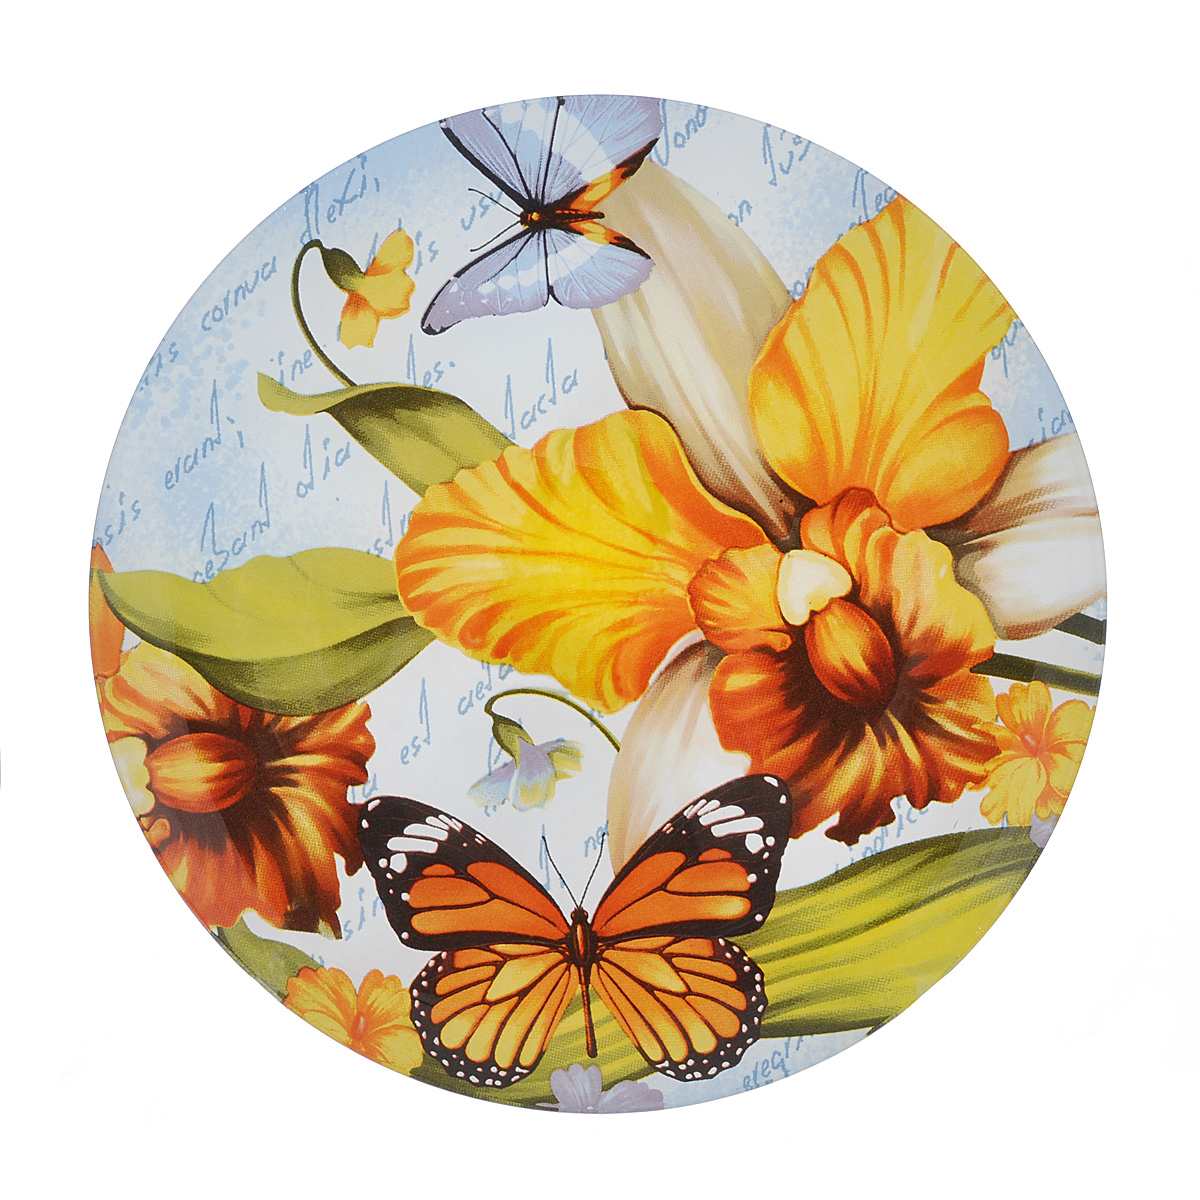 Тарелка Zibo Shelley Лето, диаметр 20 смZSSU3008A108Тарелка Zibo Shelley Лето изготовлена из высококачественного стекла. Предназначена для красивой подачи различных блюд. Изделие украшено ярким изображением цветов.Такая тарелка украсит сервировку стола и подчеркнет прекрасный вкус хозяйки. Можно мыть в посудомоечной машине.Диаметр: 20 см. Высота: 1 см.